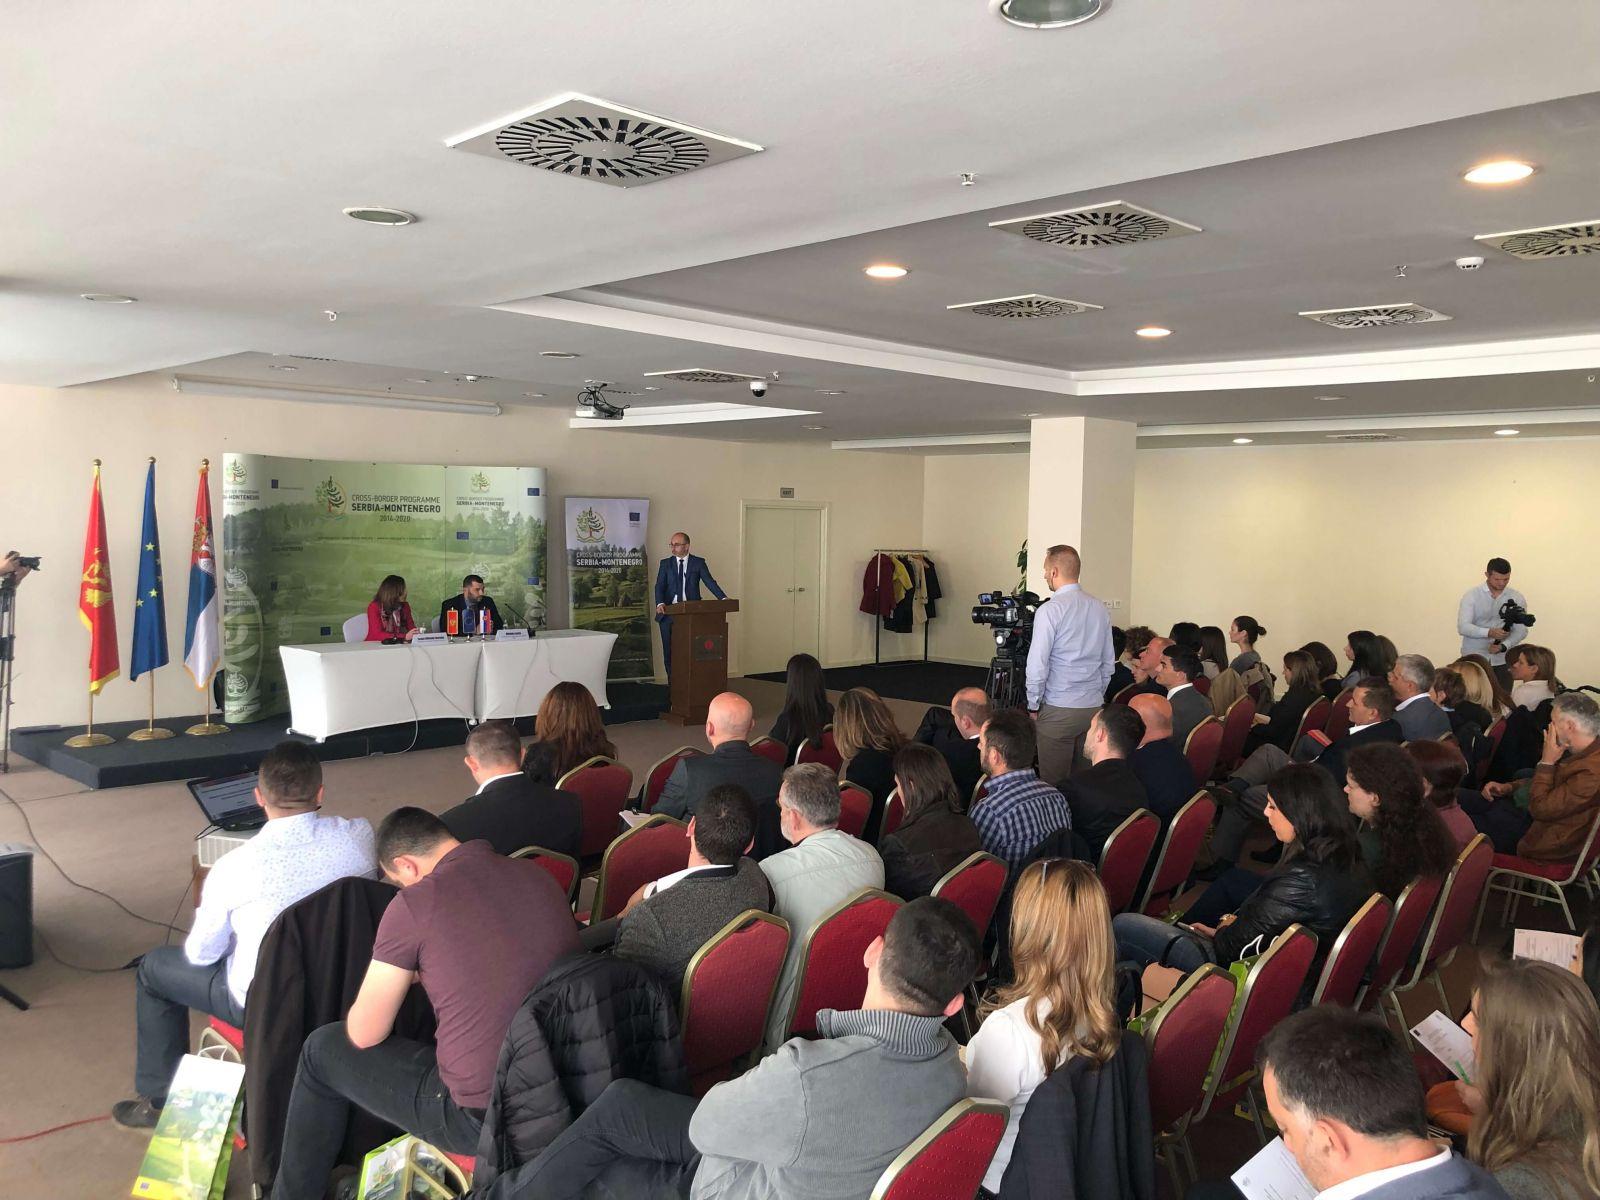 Потписани уговори за спровођење пет пројеката у оквиру ИПА Програма прекограничне сарадње Србија – Црна Гора 2014-2020